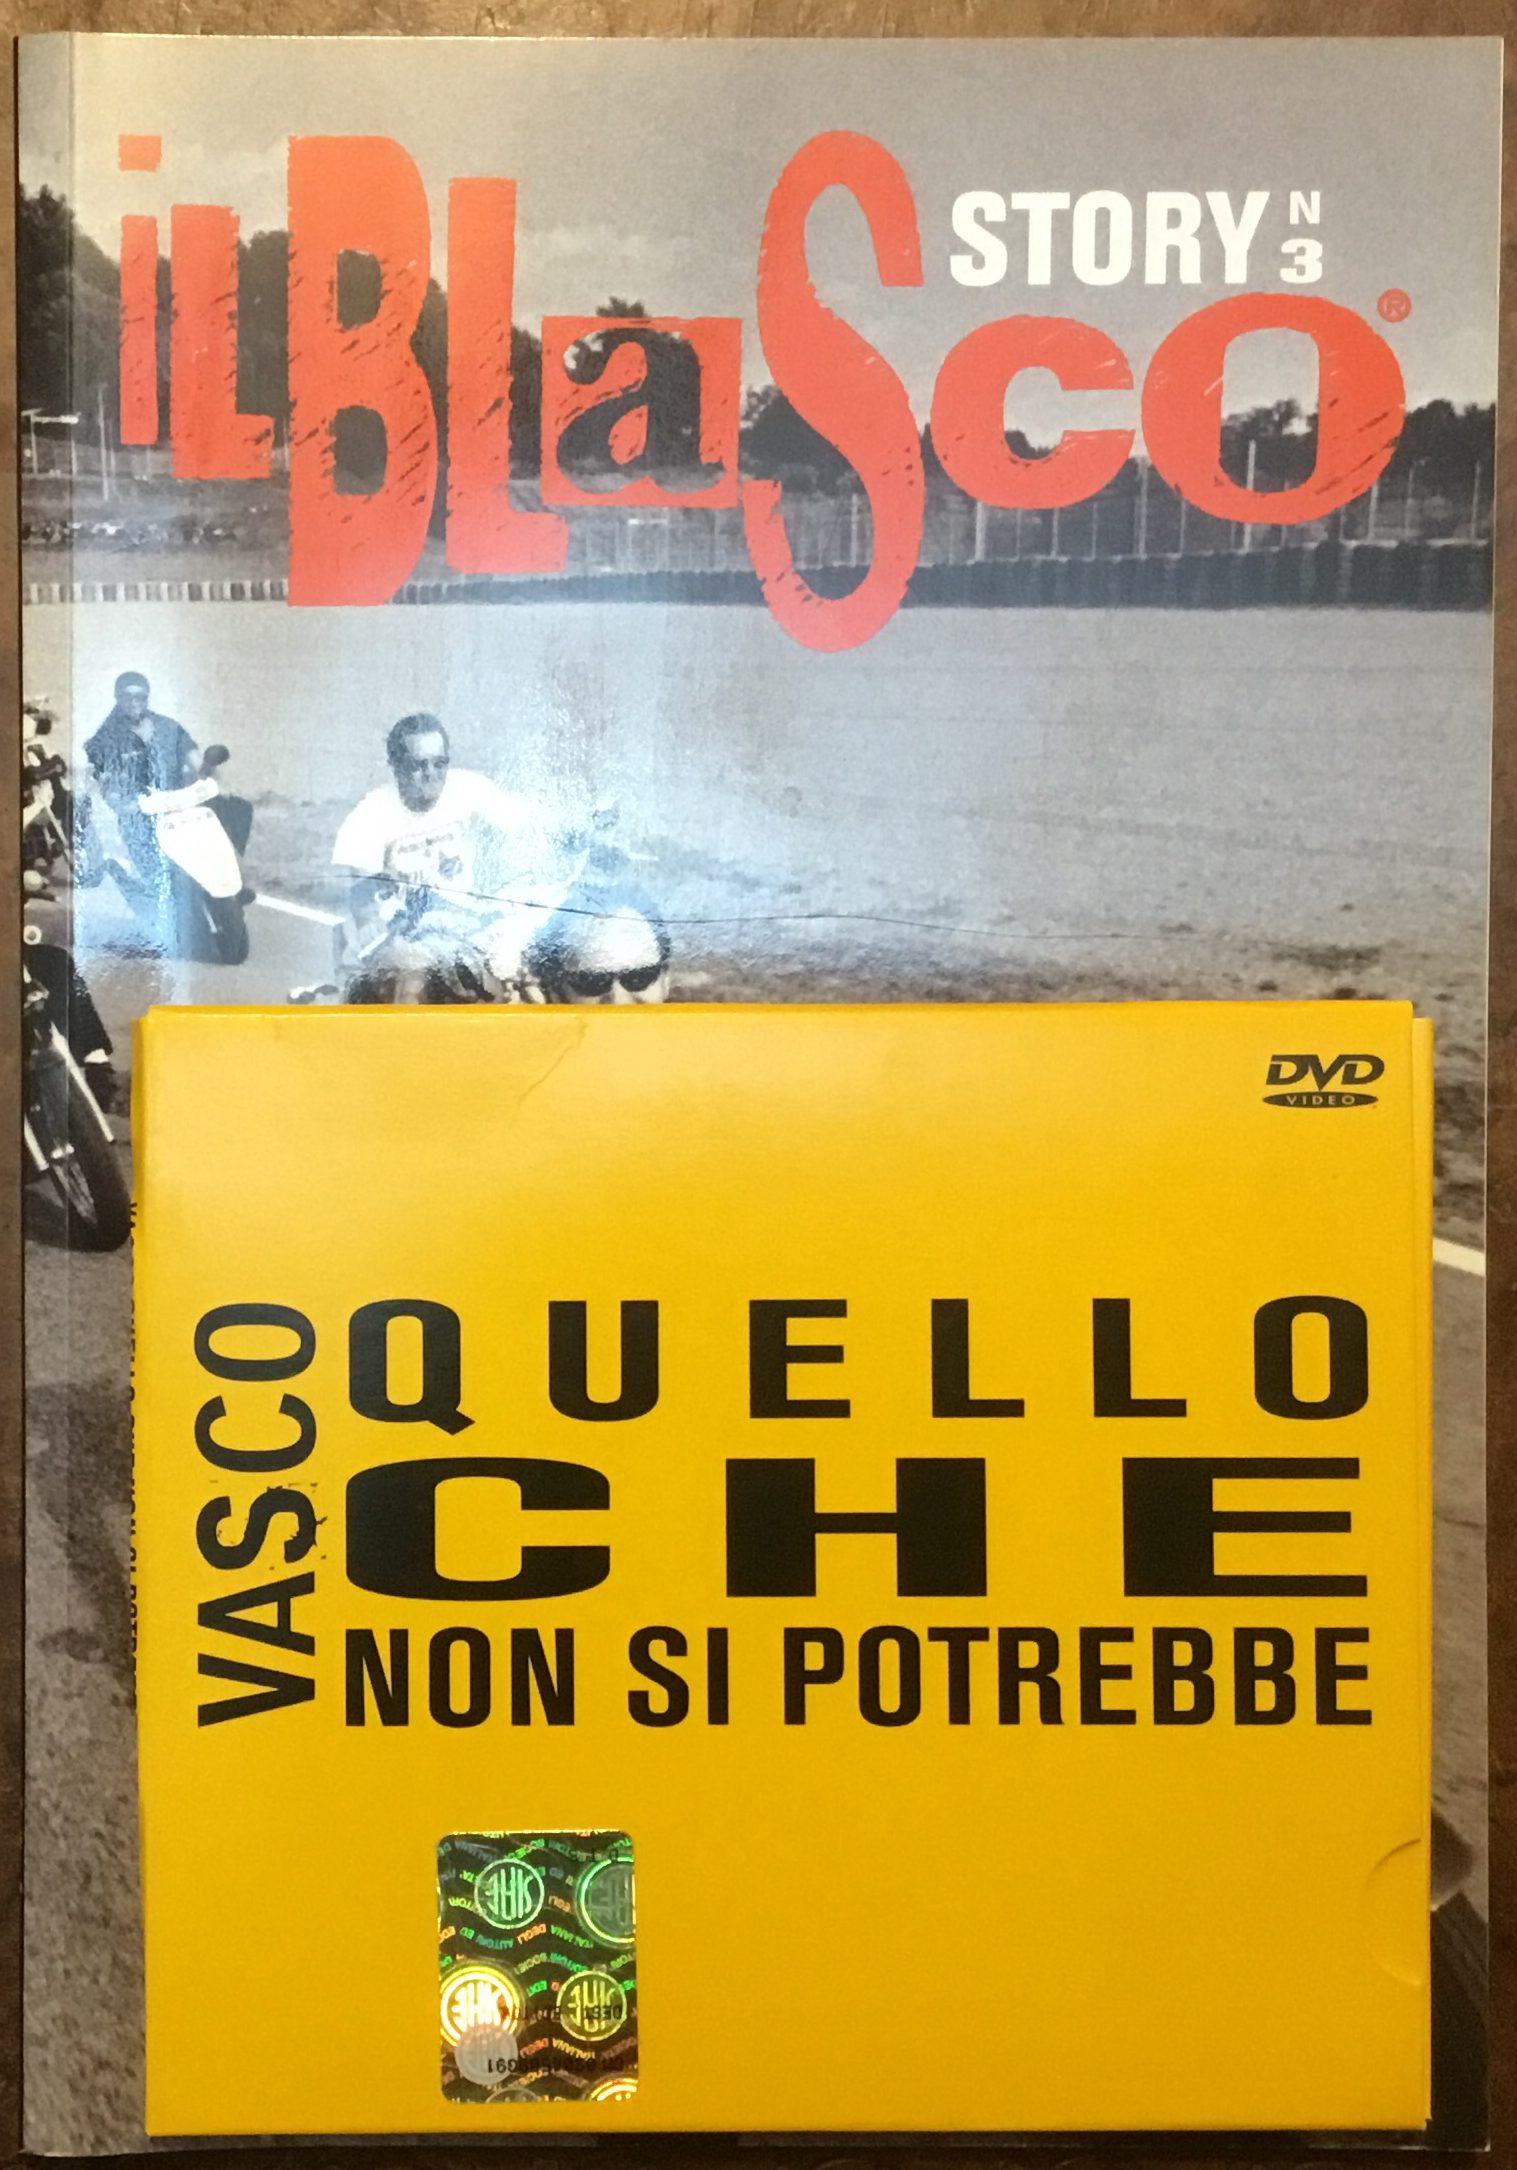 Il Blasco Story n.4, Rivista con allegato CD 'Senza parole' (Dest. Editoriale)